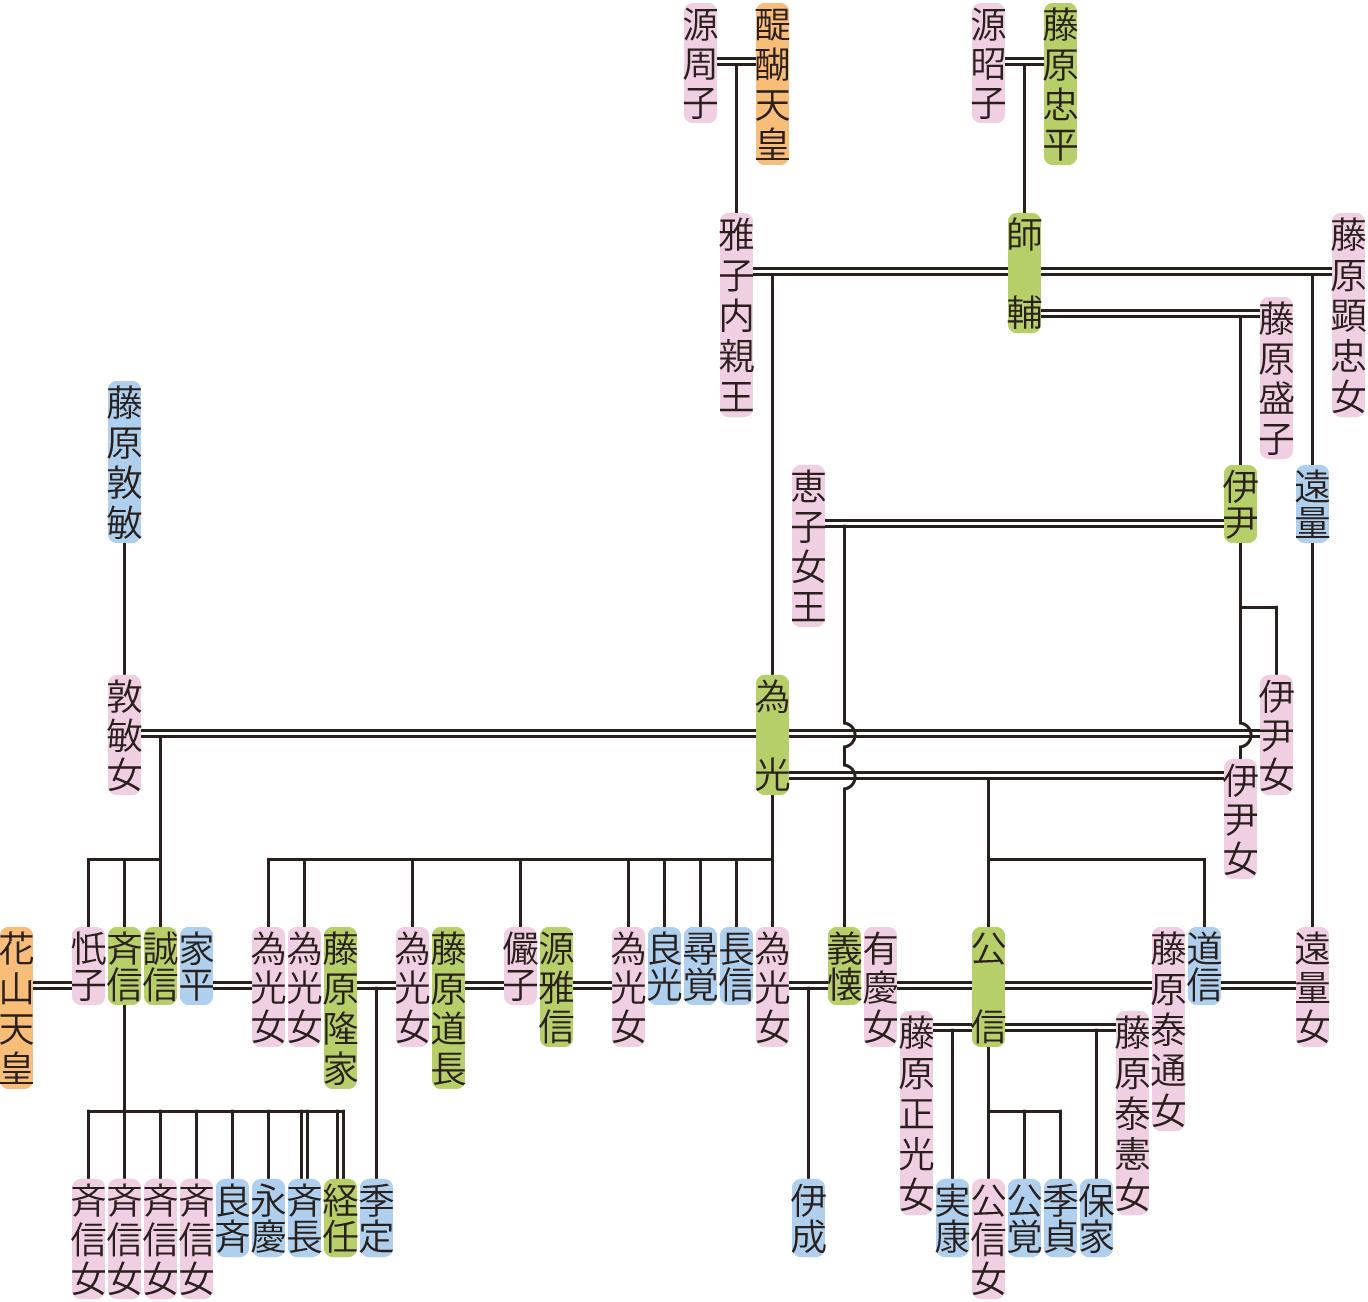 藤原為光の系図